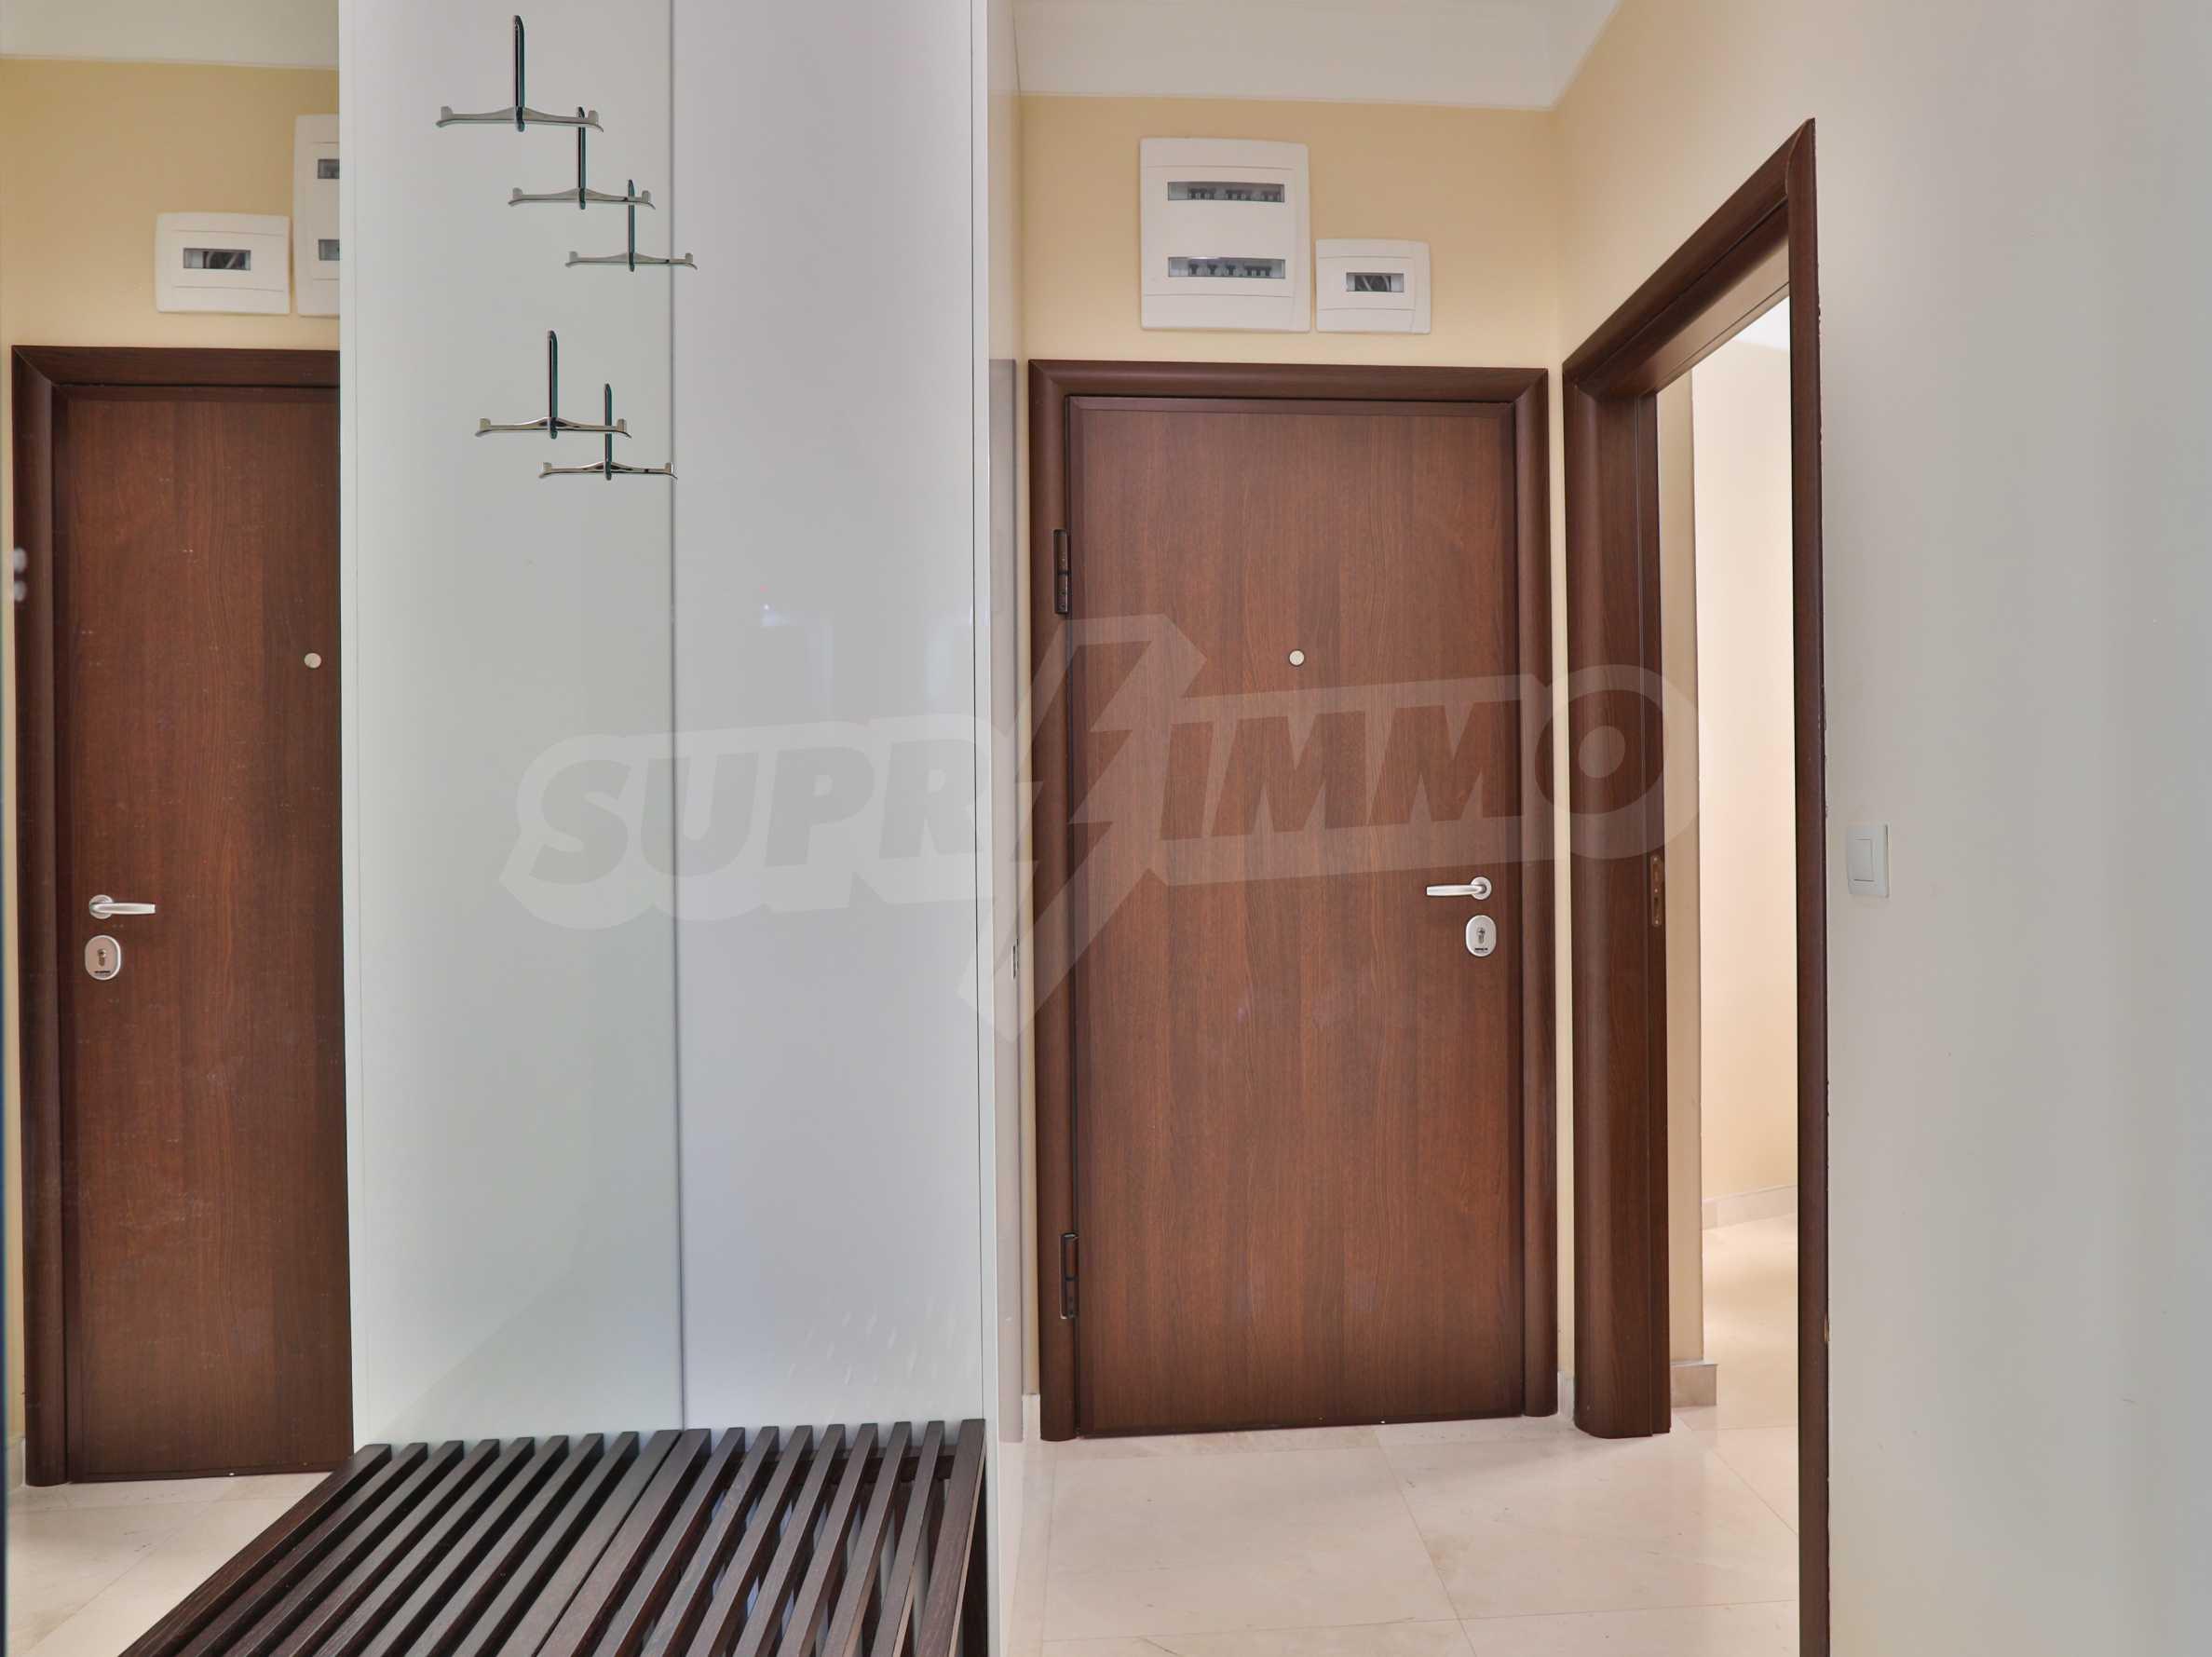 Дизайнерски апартамент с 2 спални в луксозната морска резиденция Belle Époque в Лозенец 26